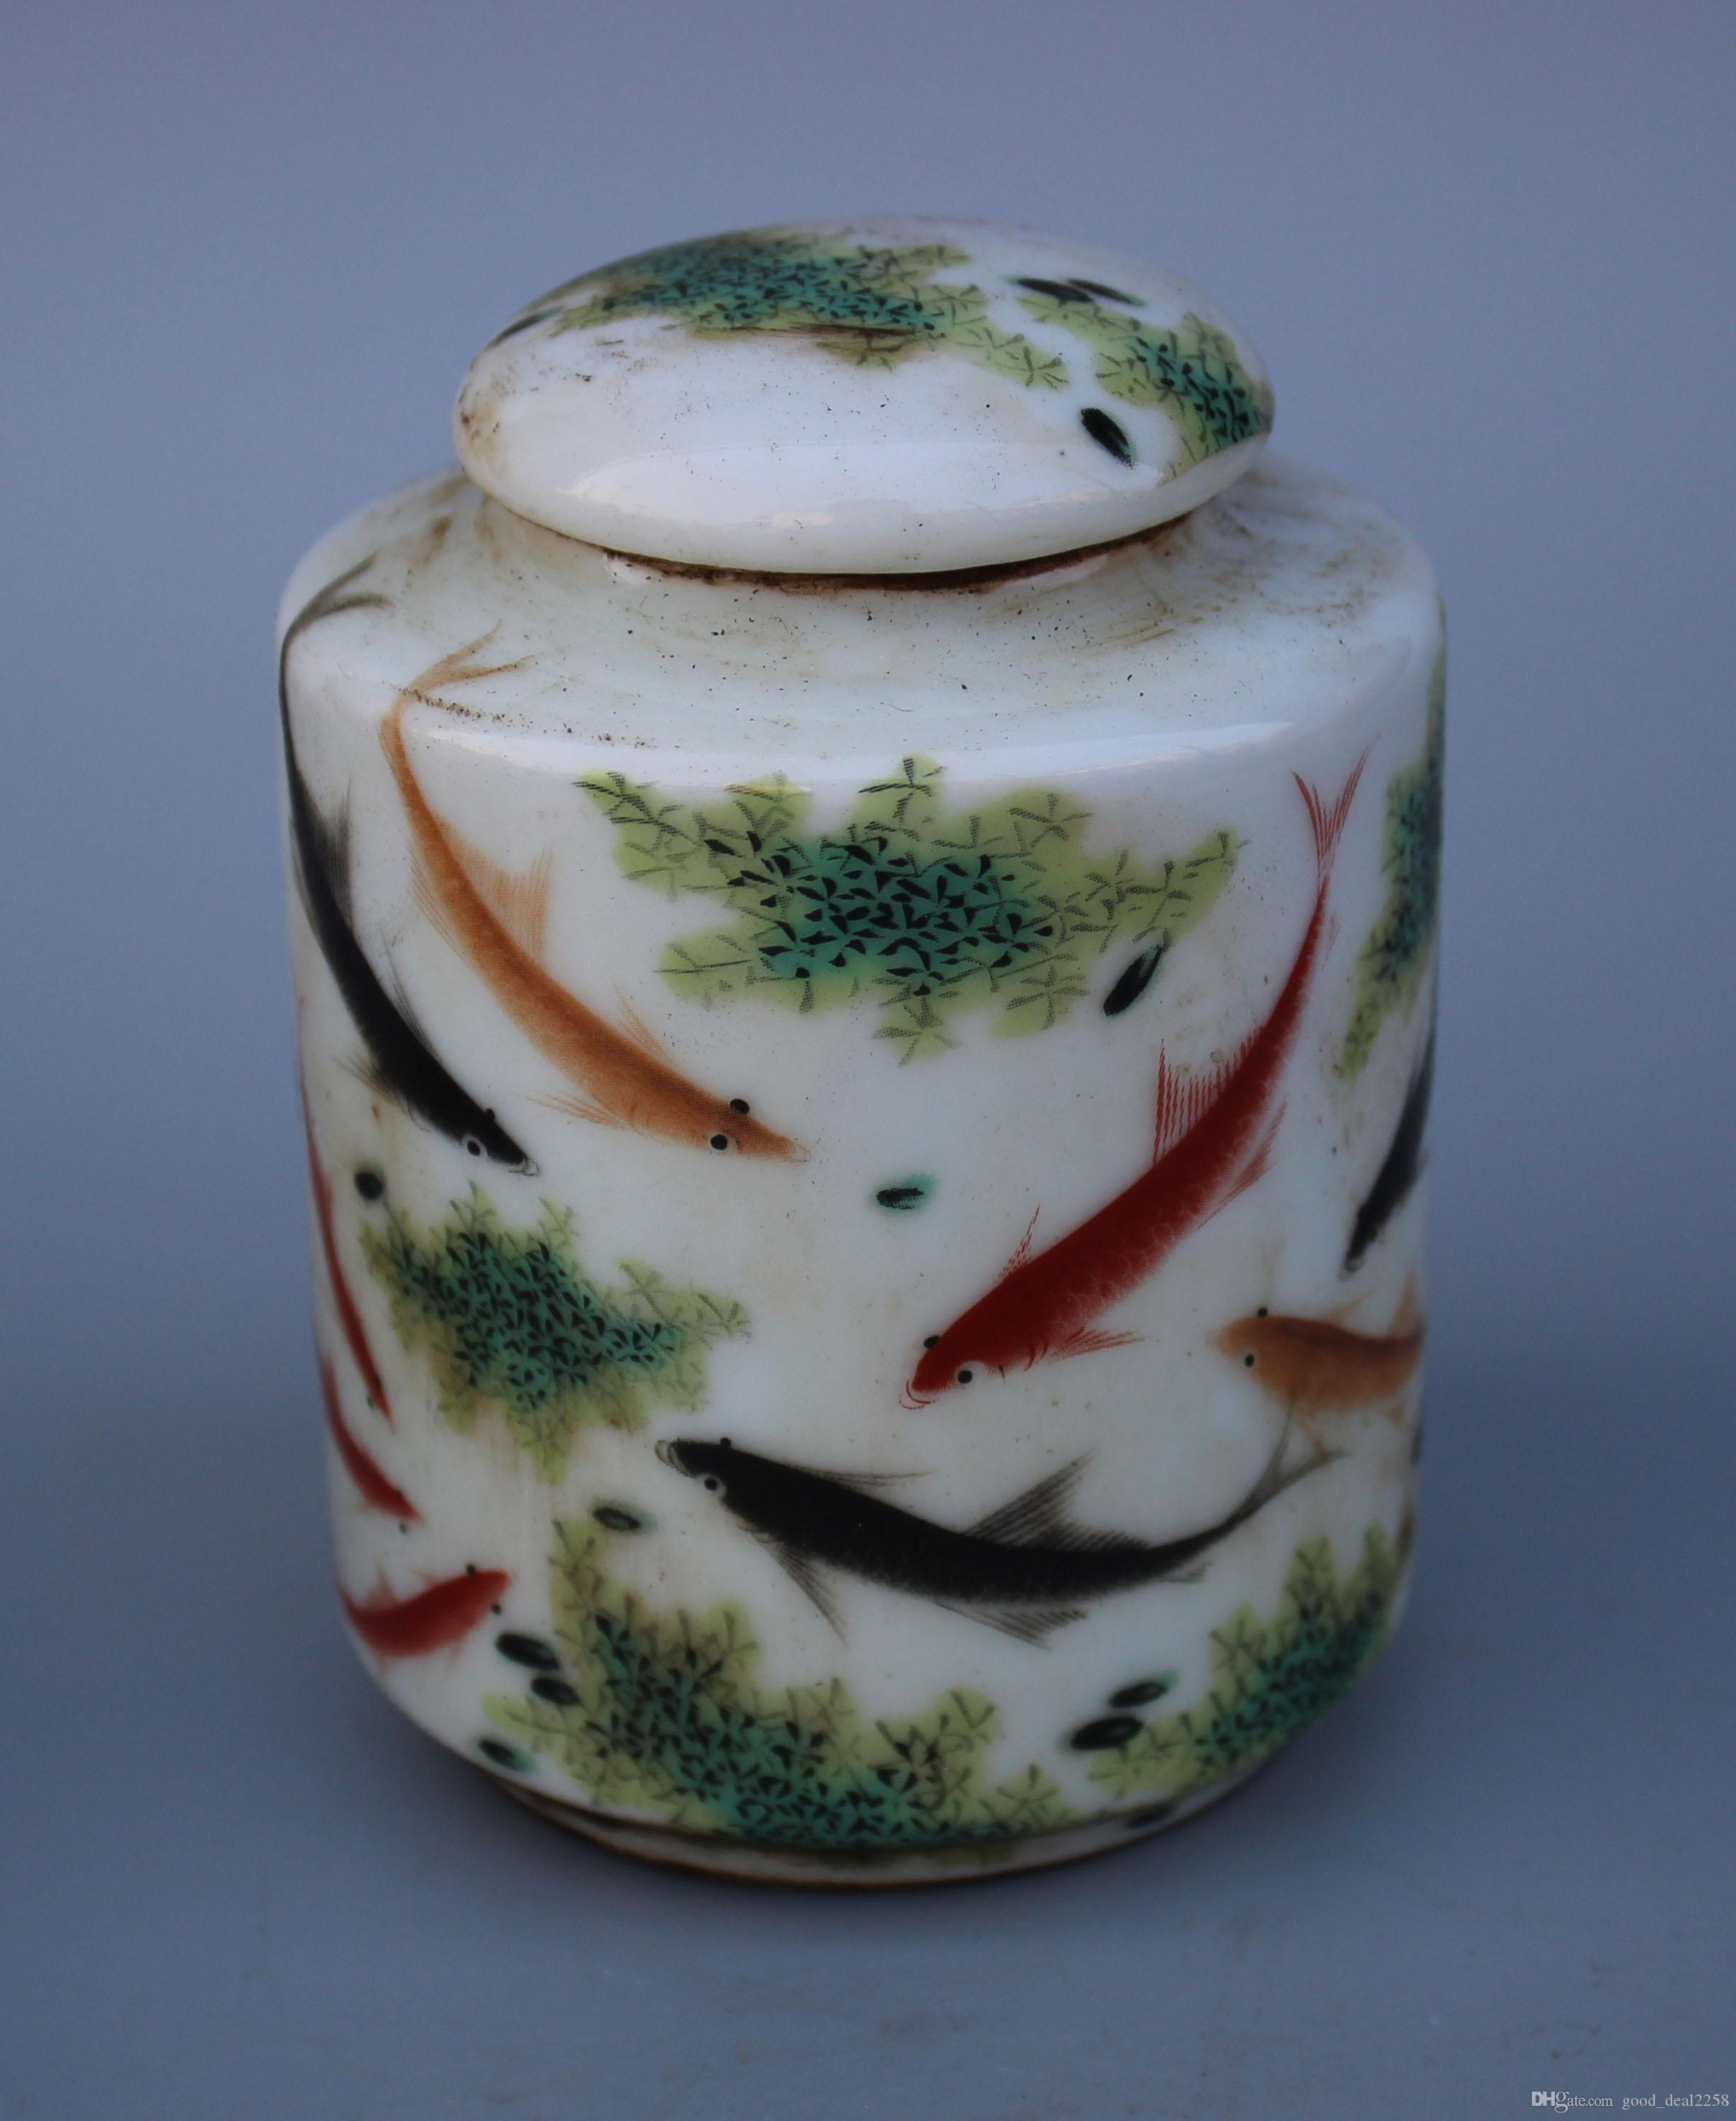 Rare porcellana cinese Lavoro manuale pittura pesce Giocare nell'acqua Vaso vecchio - Carrello